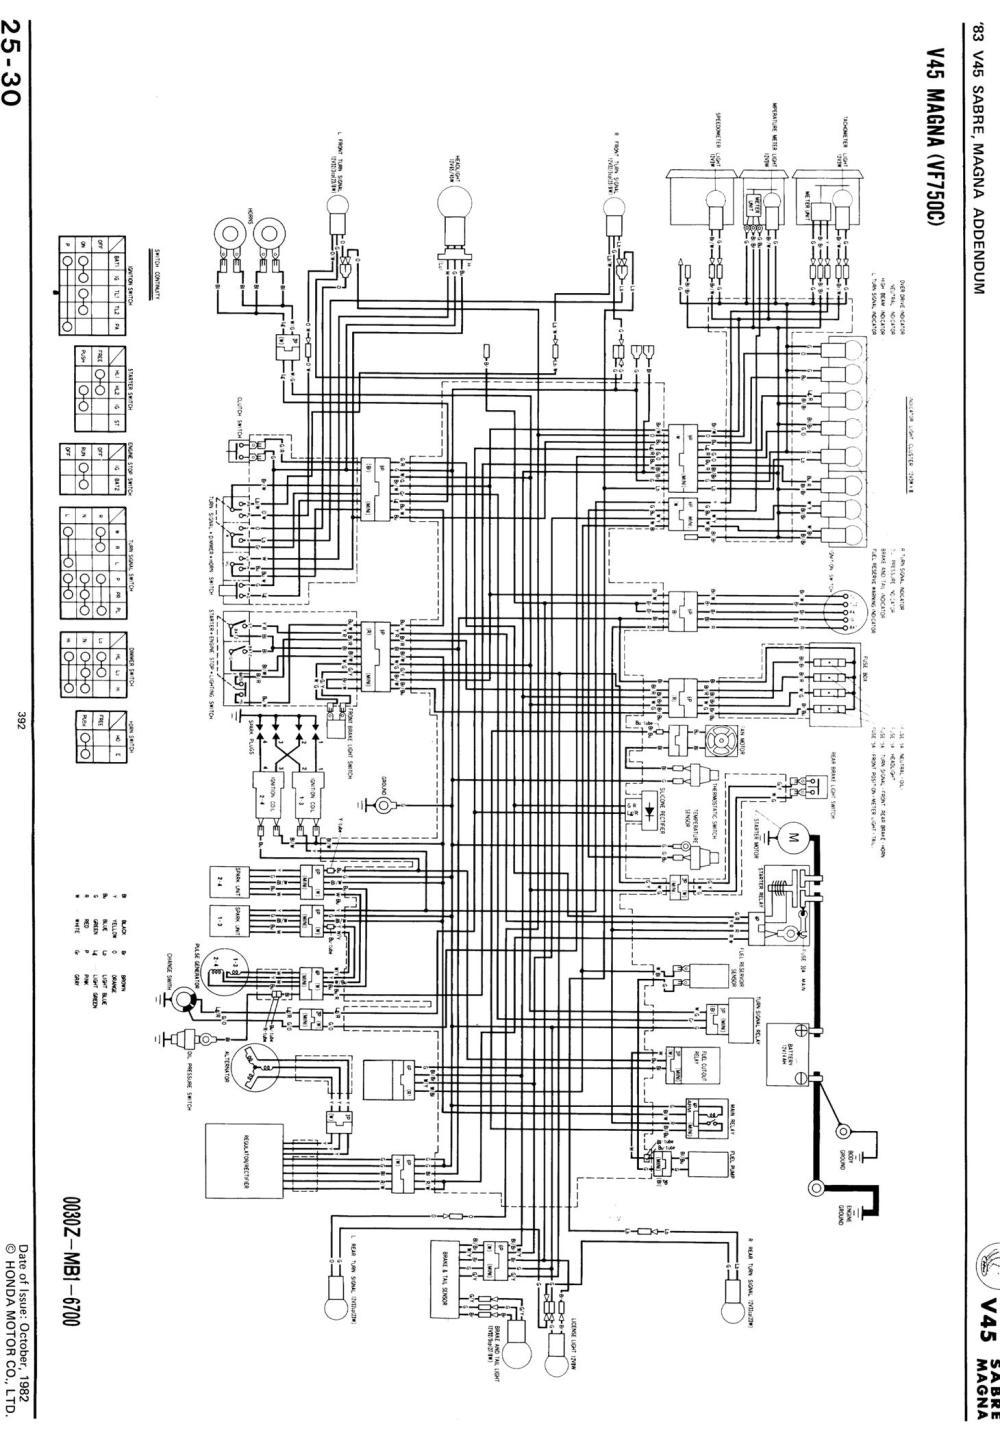 medium resolution of honda magna wiring diagram